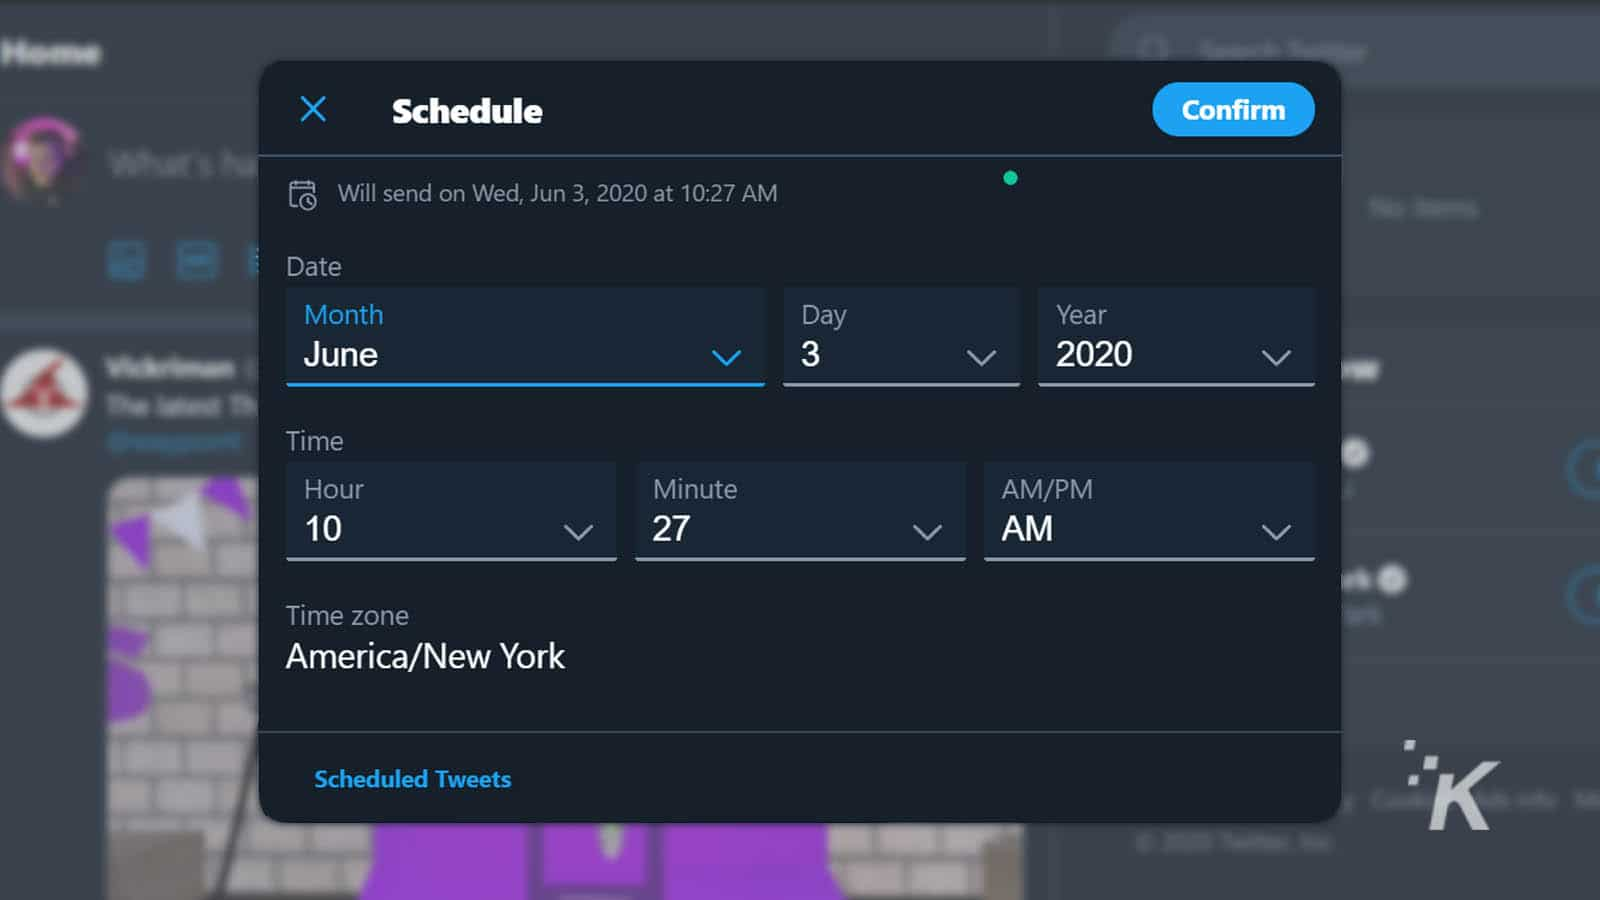 scheduling tweets on twitter website